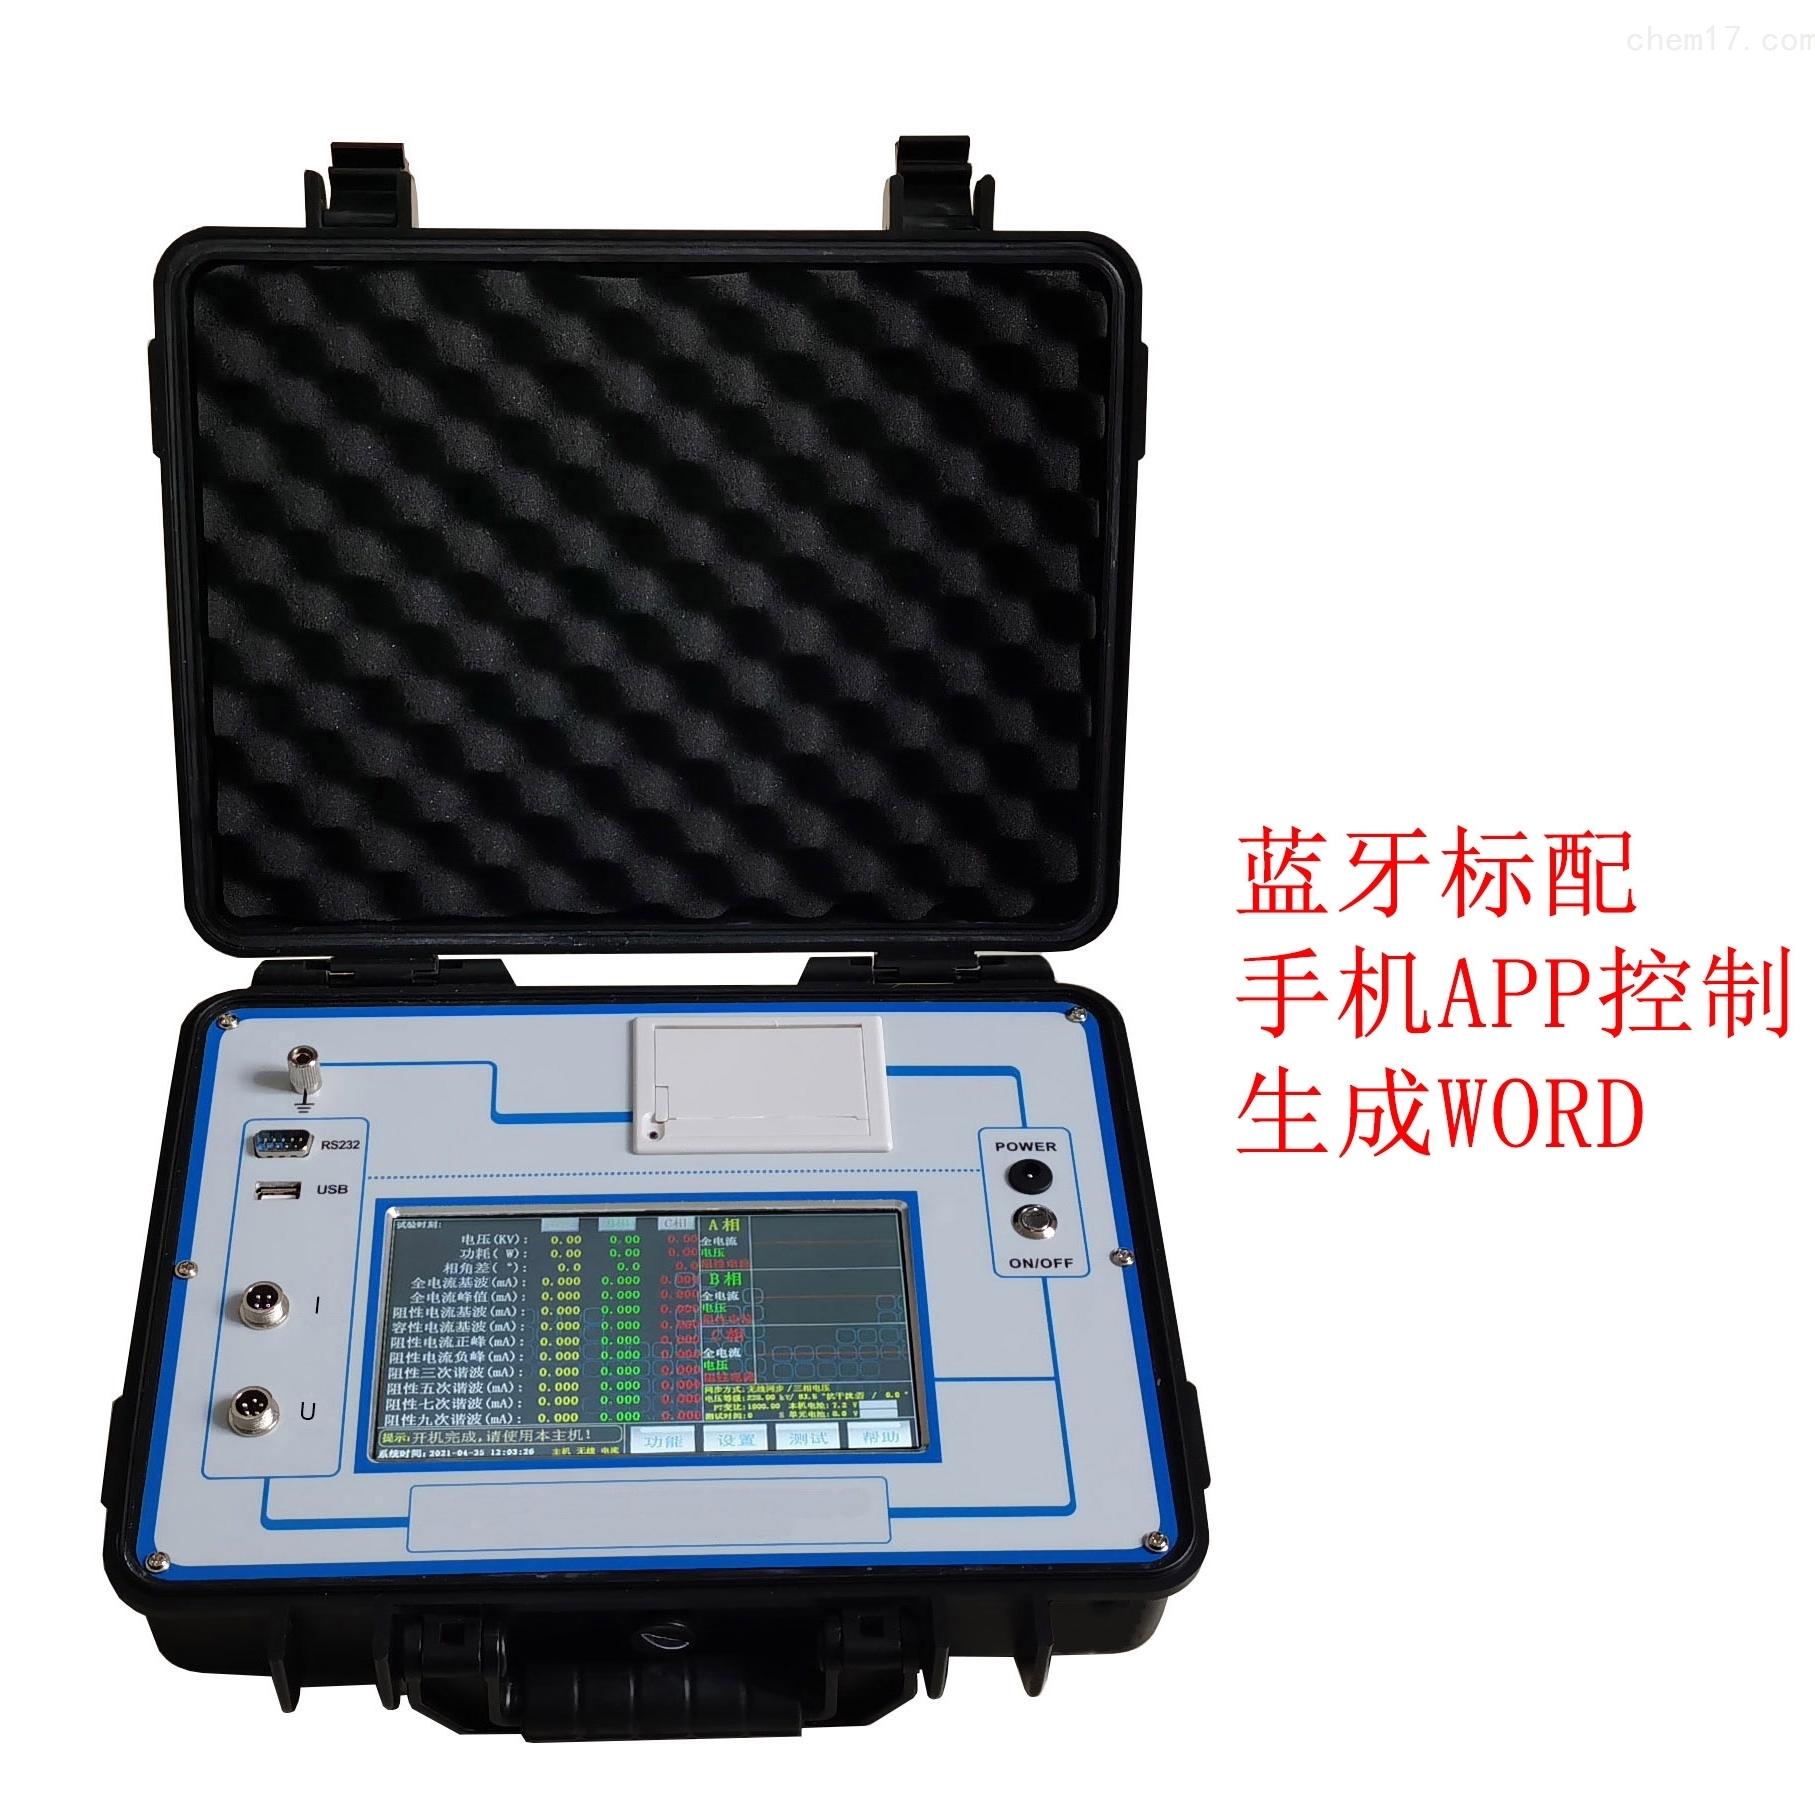 PNCD203氧化锌避雷器带电测试仪